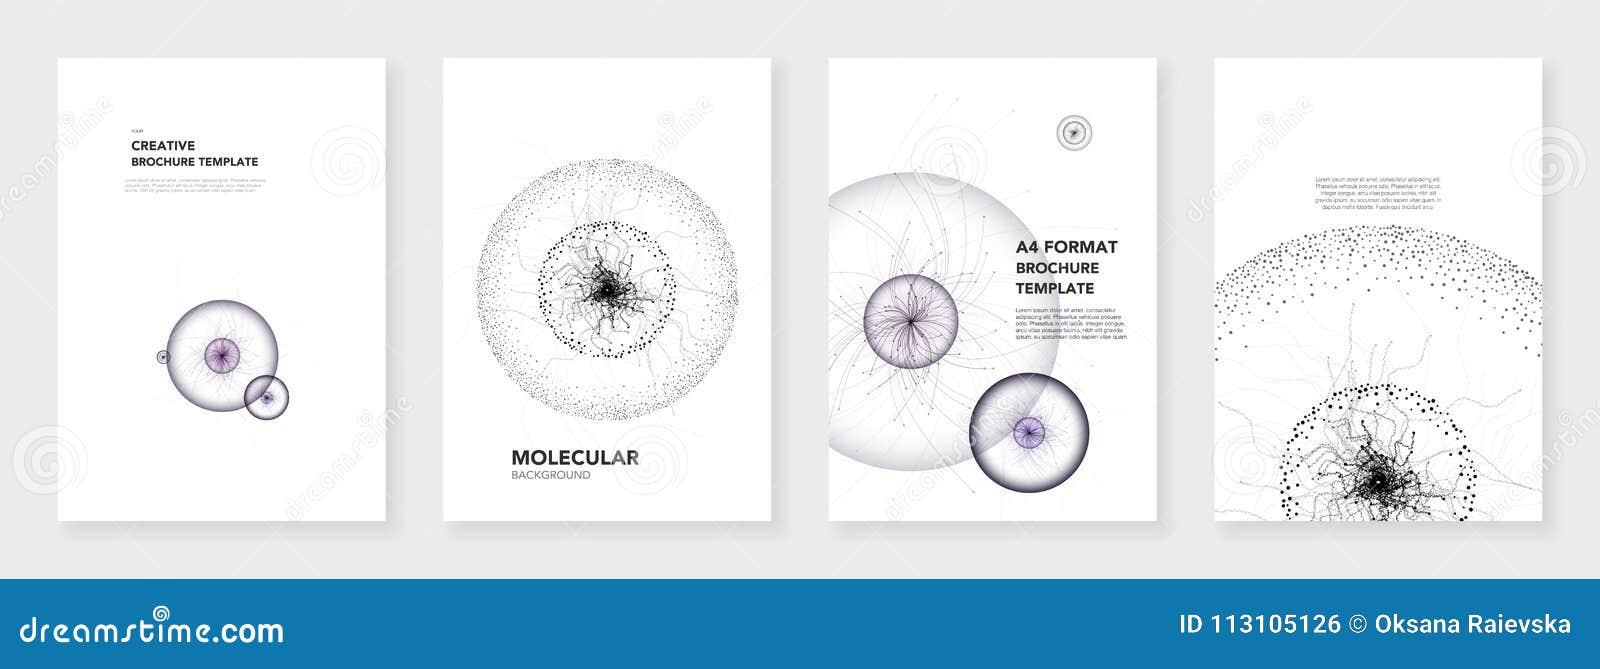 最小的小册子模板 在白色背景的分子模型 技术科学幻想小说或医疗概念,抽象传染媒介设计